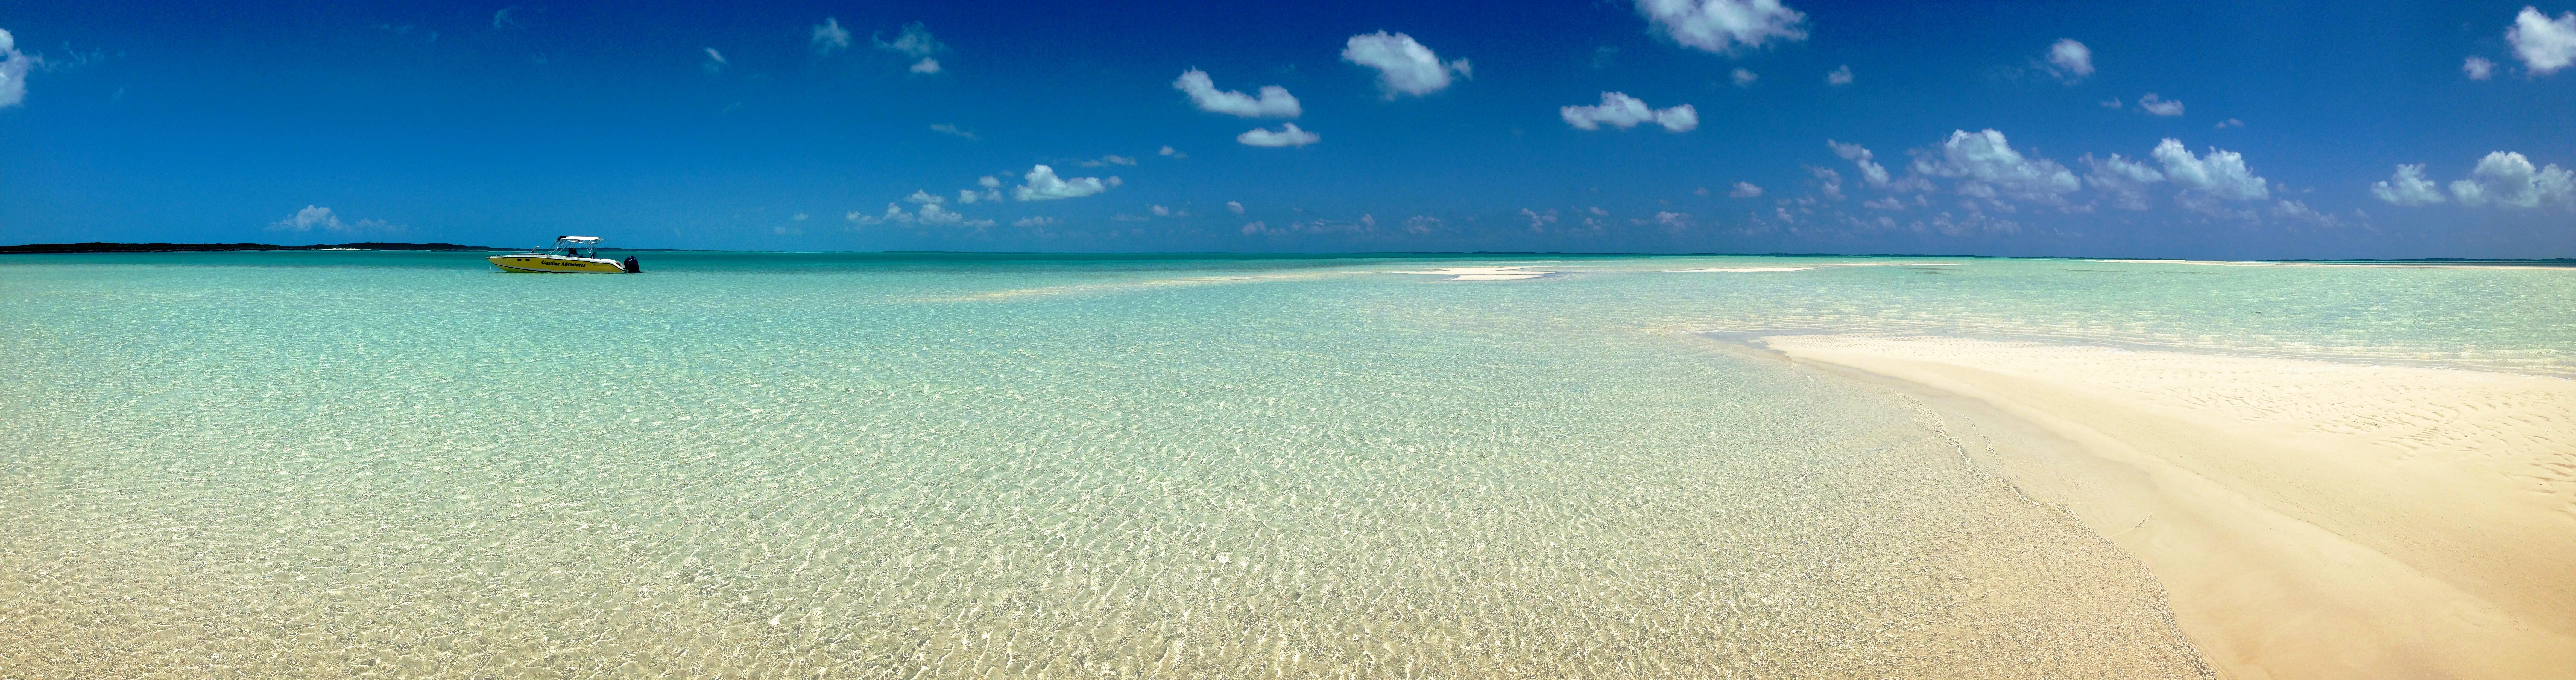 L ile d exuma aux bahamas plages de r ve iguanes et baignade avec les cocho - Image d ile paradisiaque ...